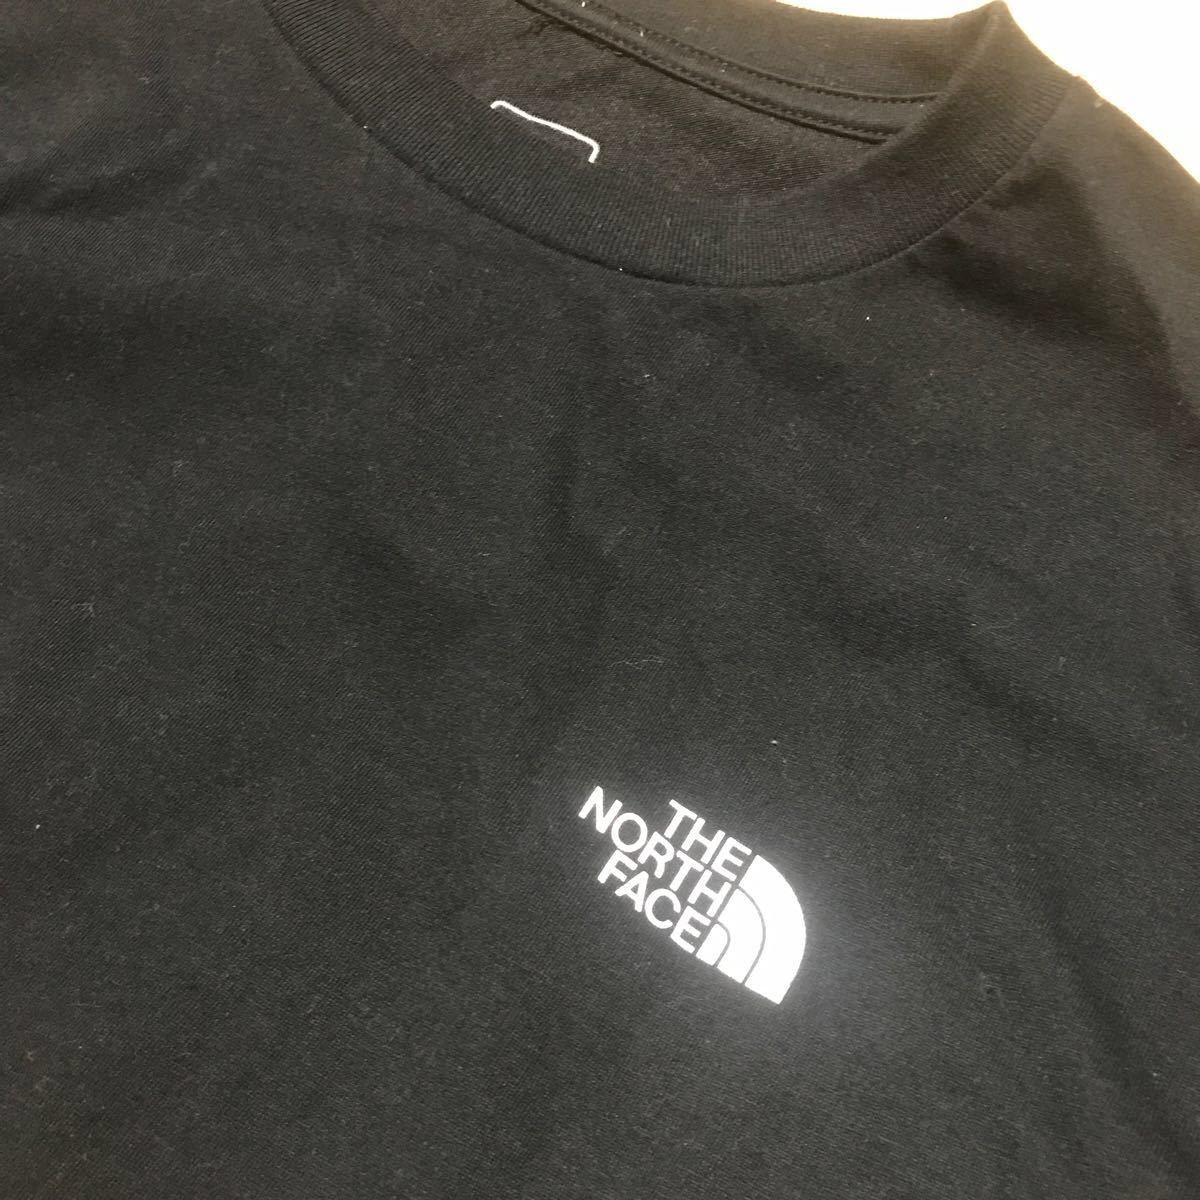 THE NORTH FACE 半袖Tシャツ ノースフェイスTシャツ